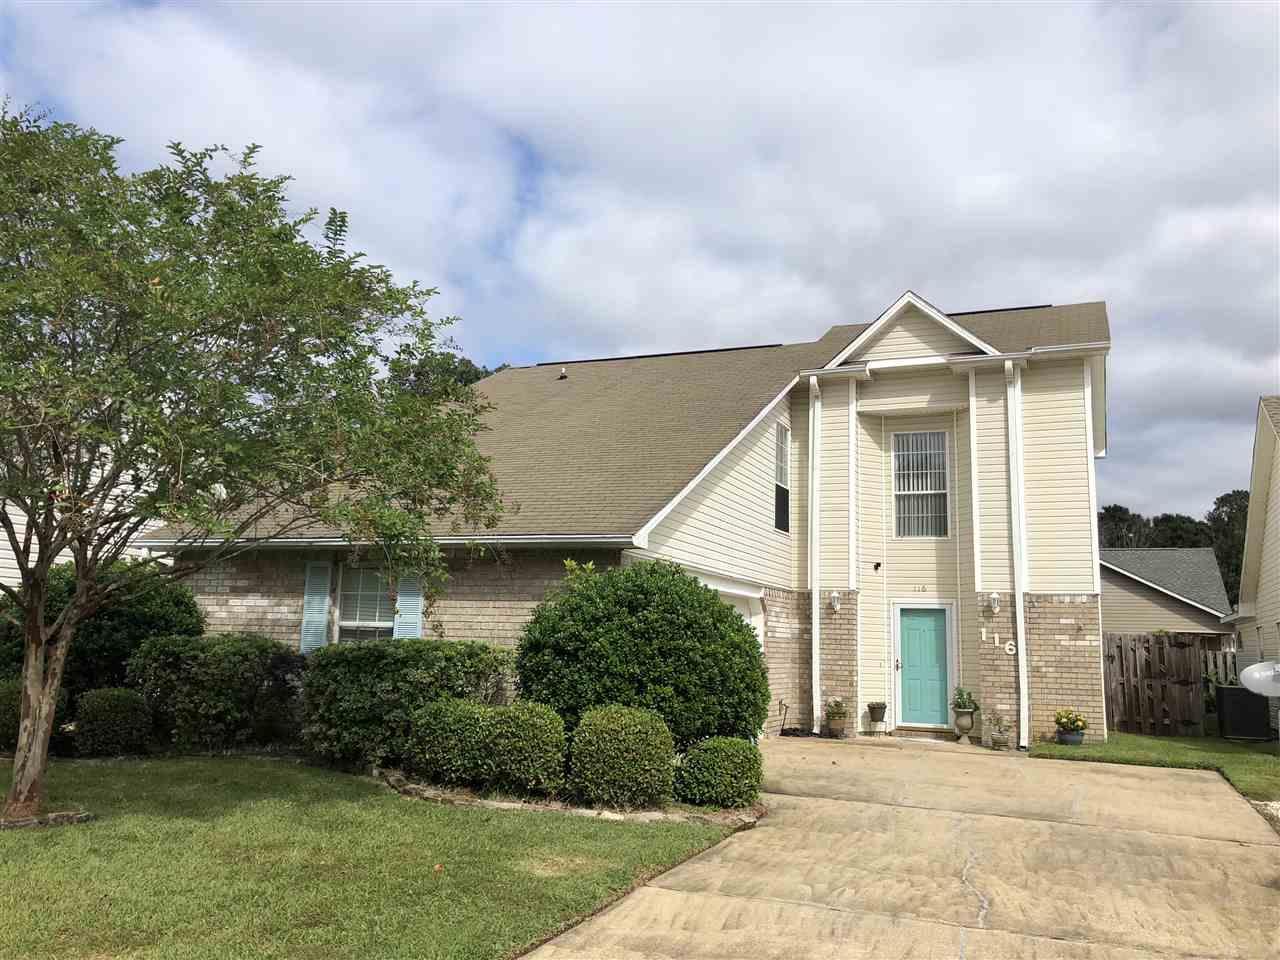 116 Mirabelle Cir, Pensacola, FL 32514